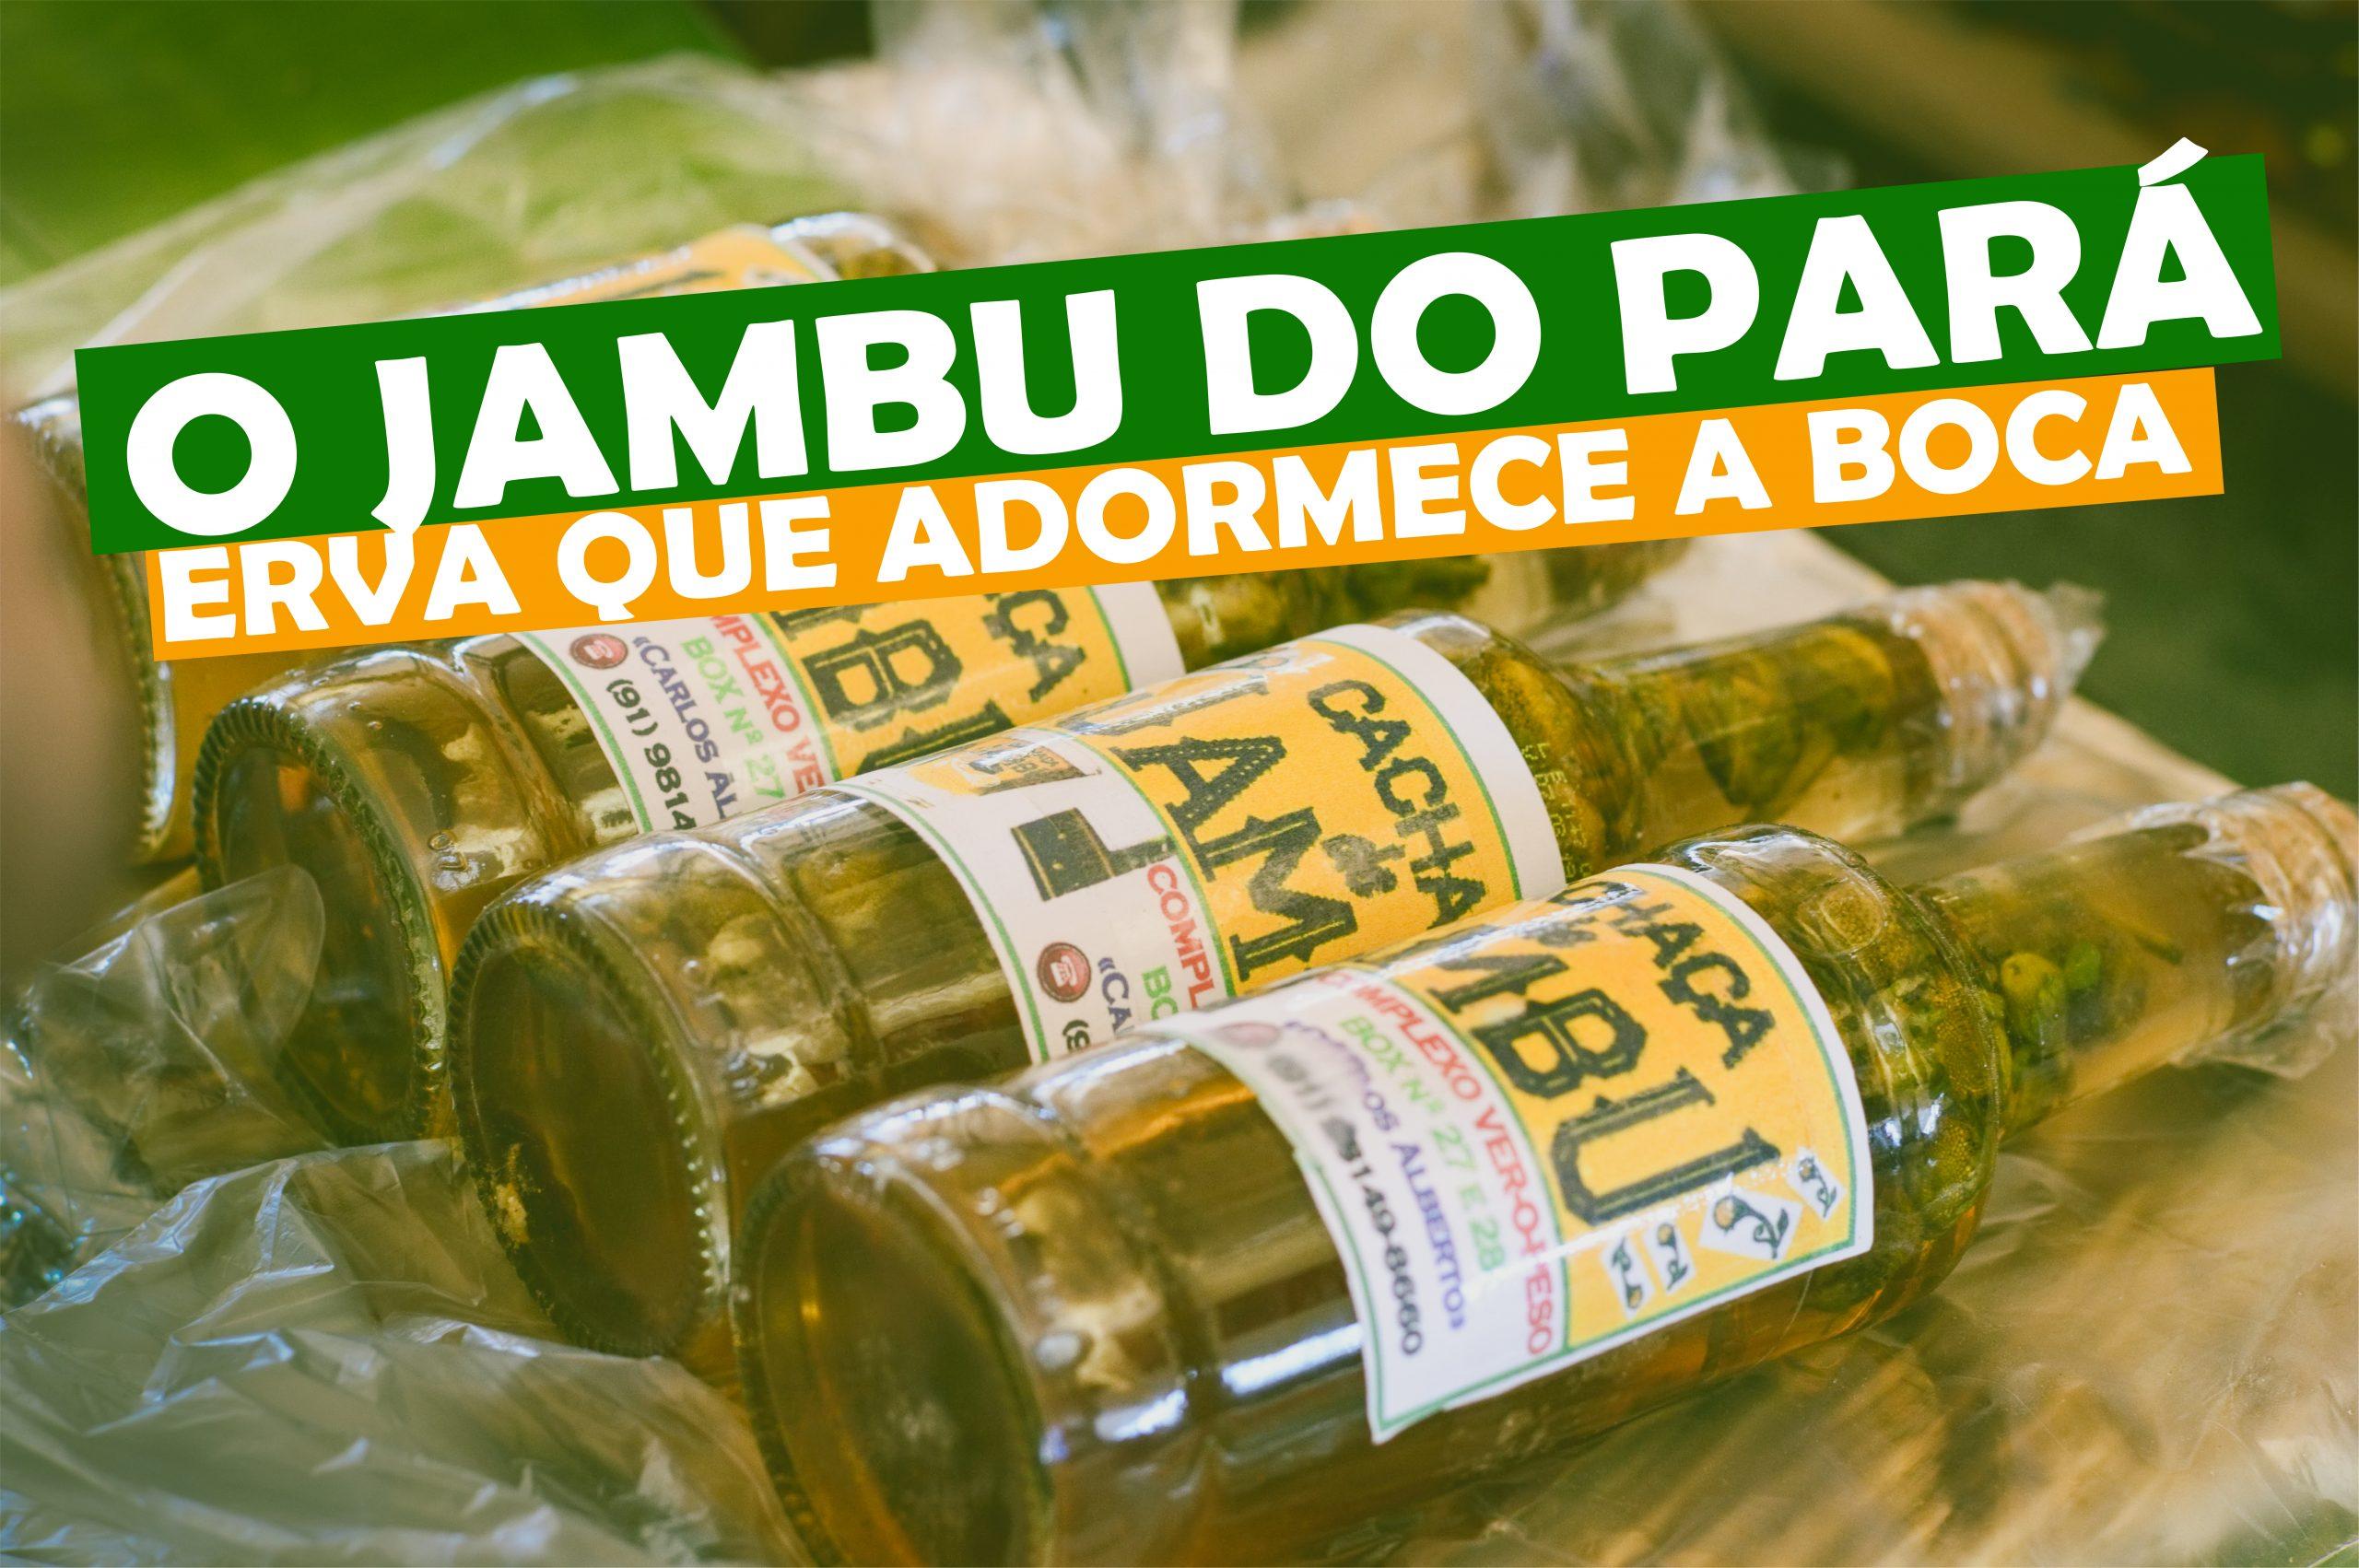 O Jambu do Pará, a erva que adormece a boca